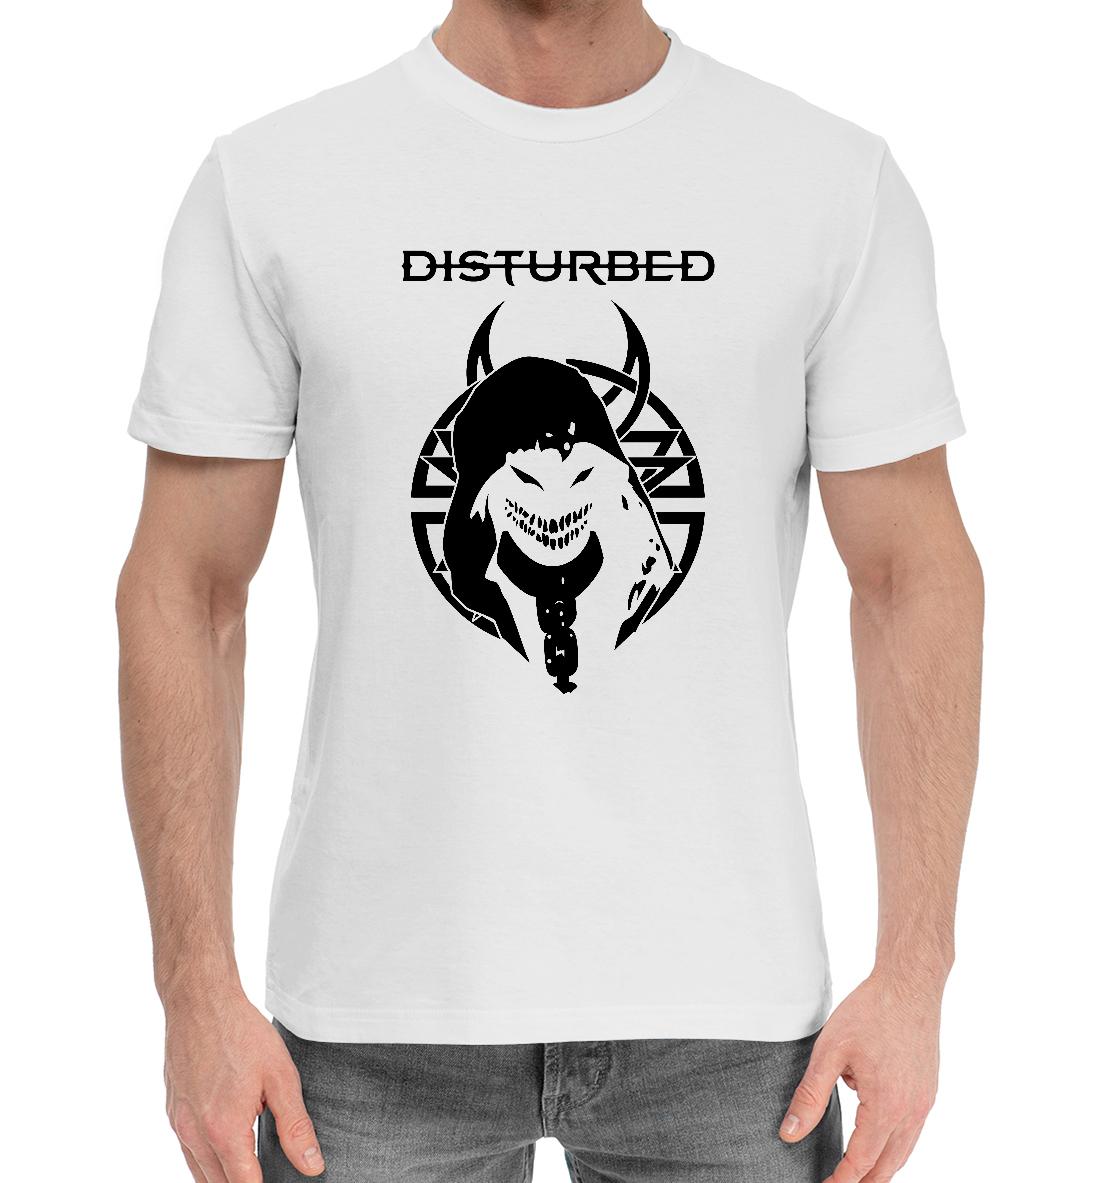 disturbed disturbed live at red rocks 2 lp Disturbed